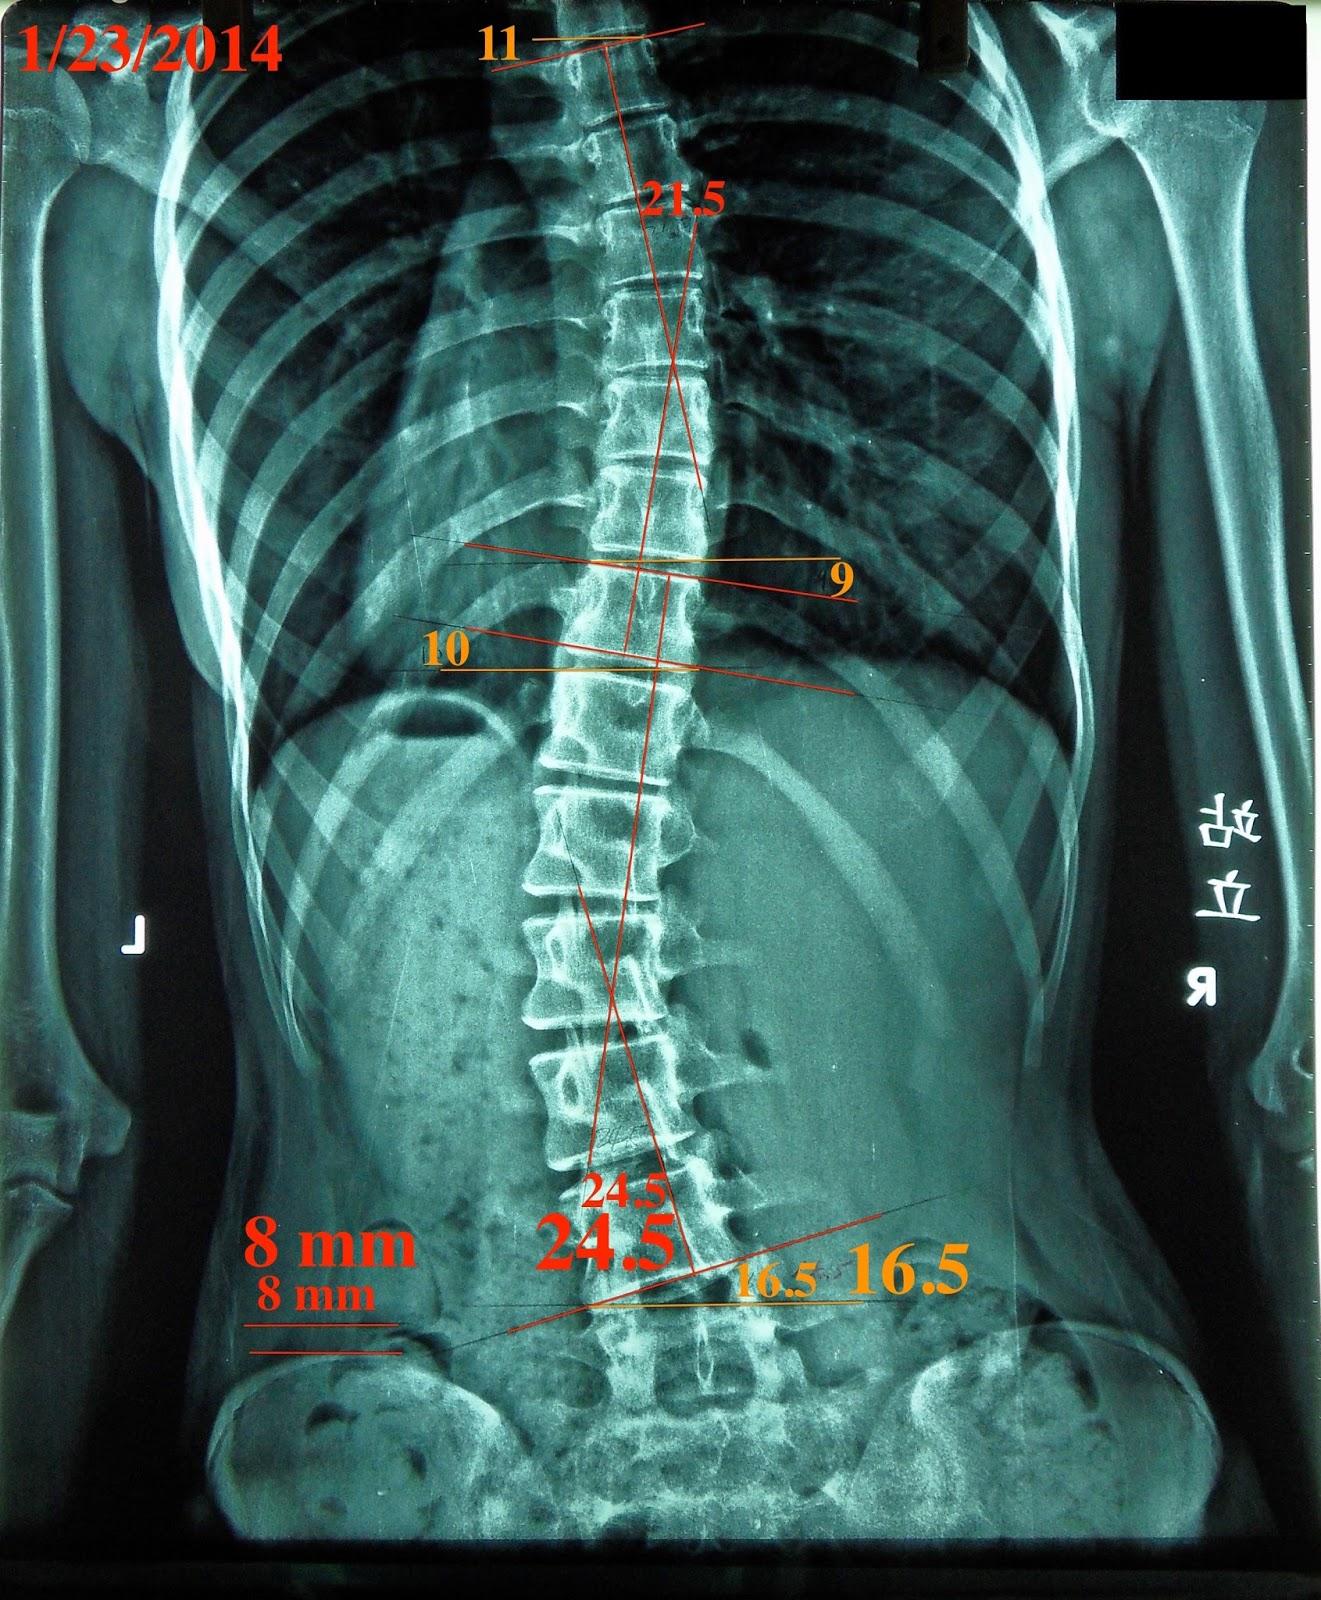 脊椎側彎, 脊椎側彎背架, 脊椎度數,脊椎側彎矯正, 脊椎側彎治療, schroth運動, schroth脊椎側彎, 德國Schroth